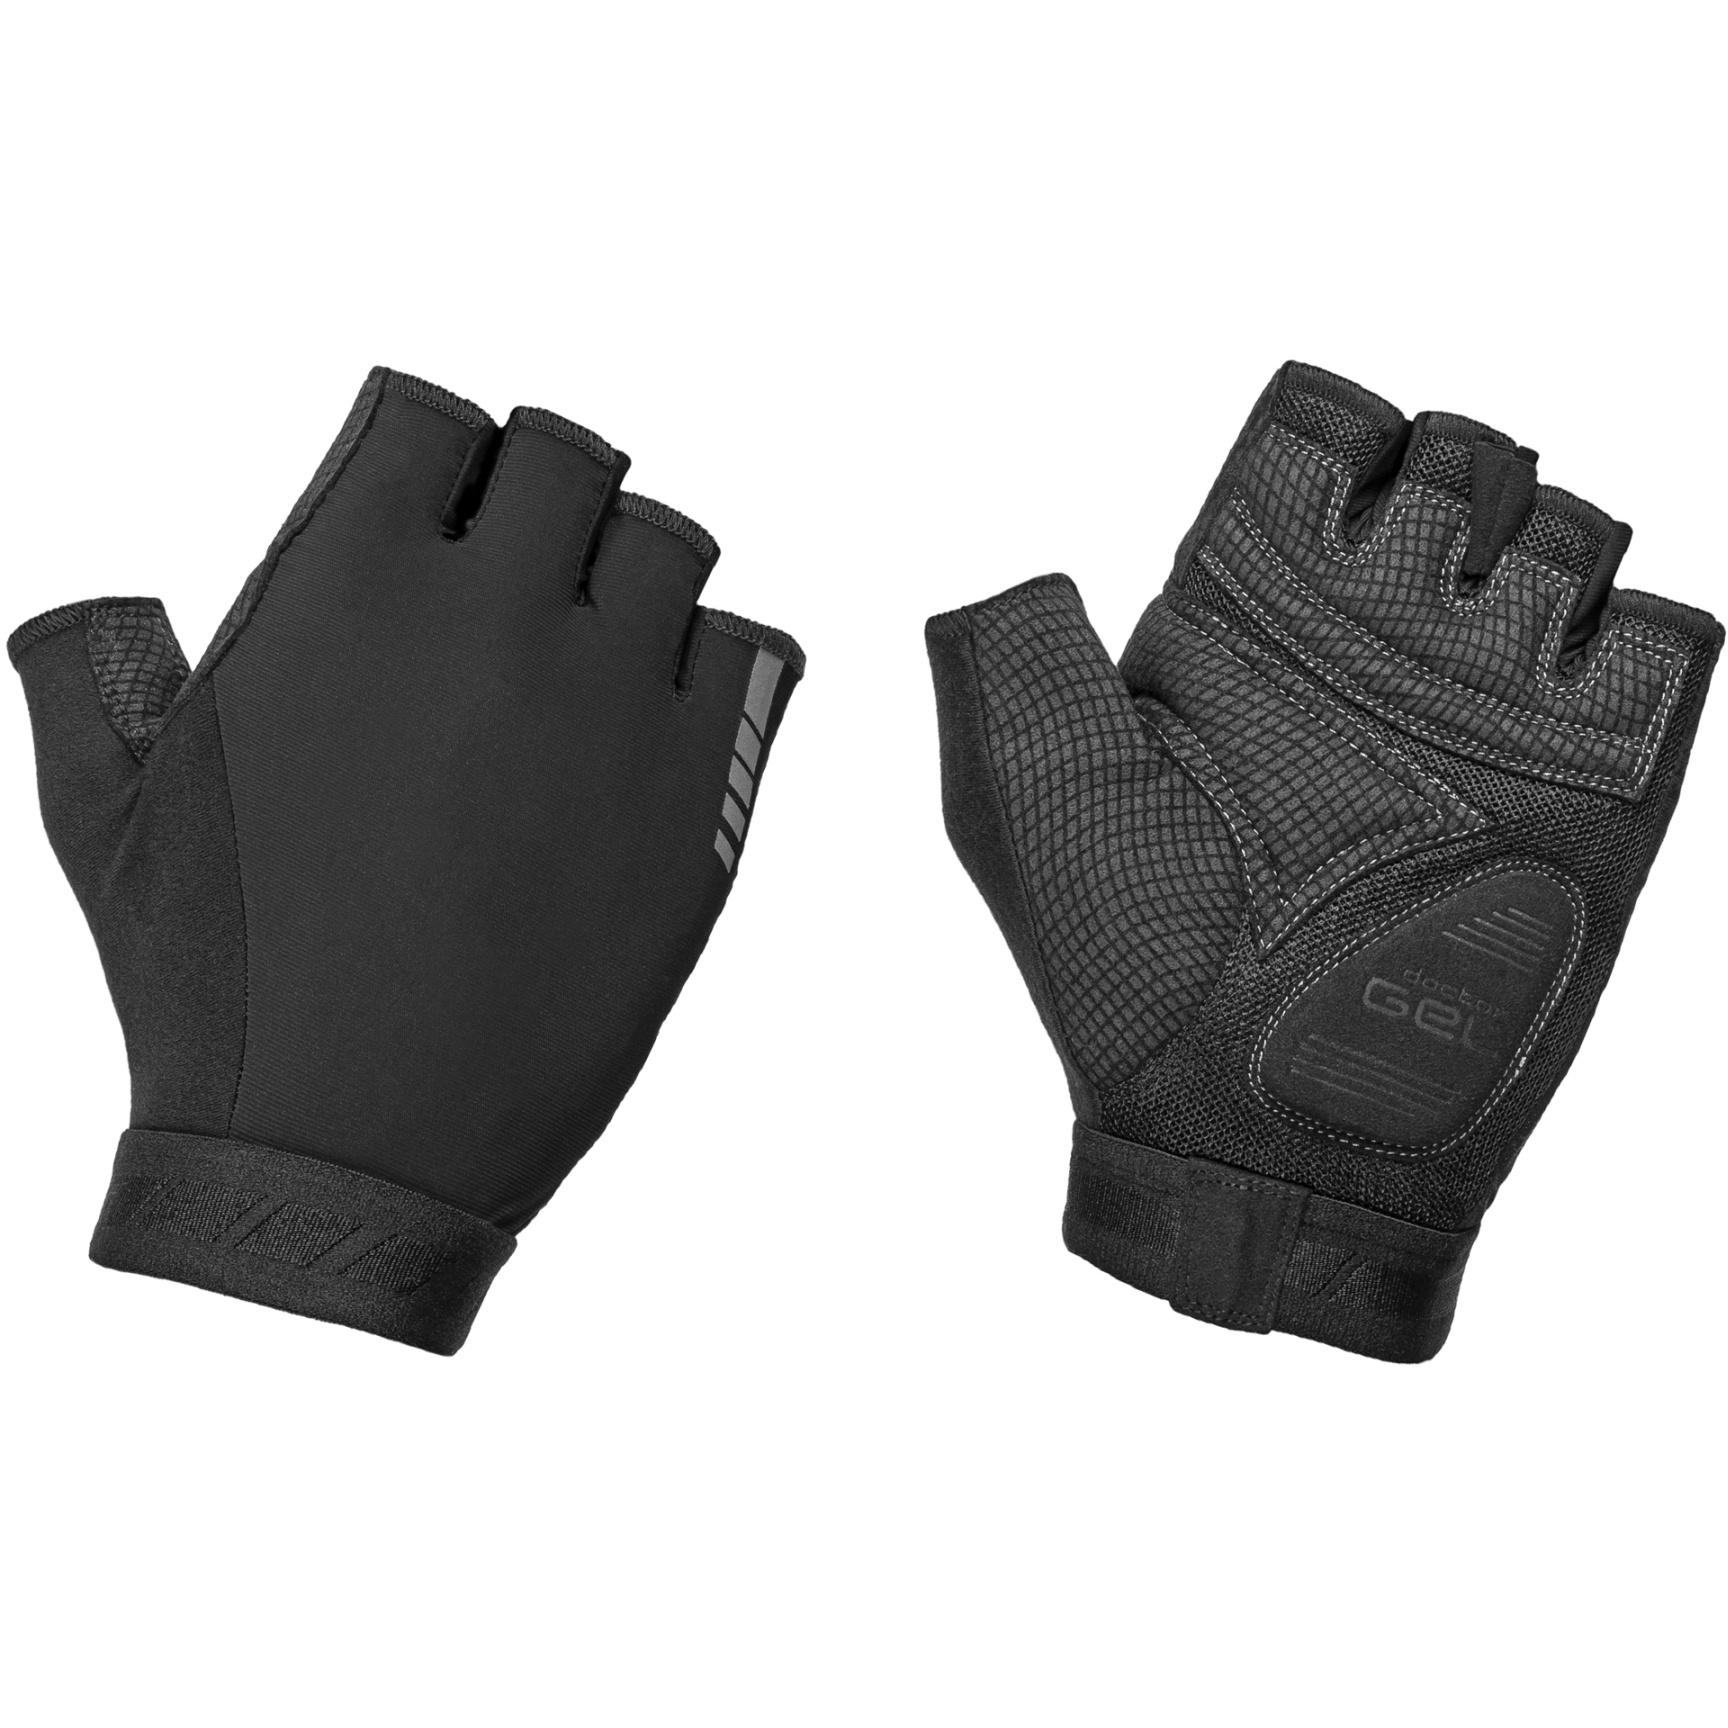 GripGrab WorldCup Padded Short Finger Glove 2 - black